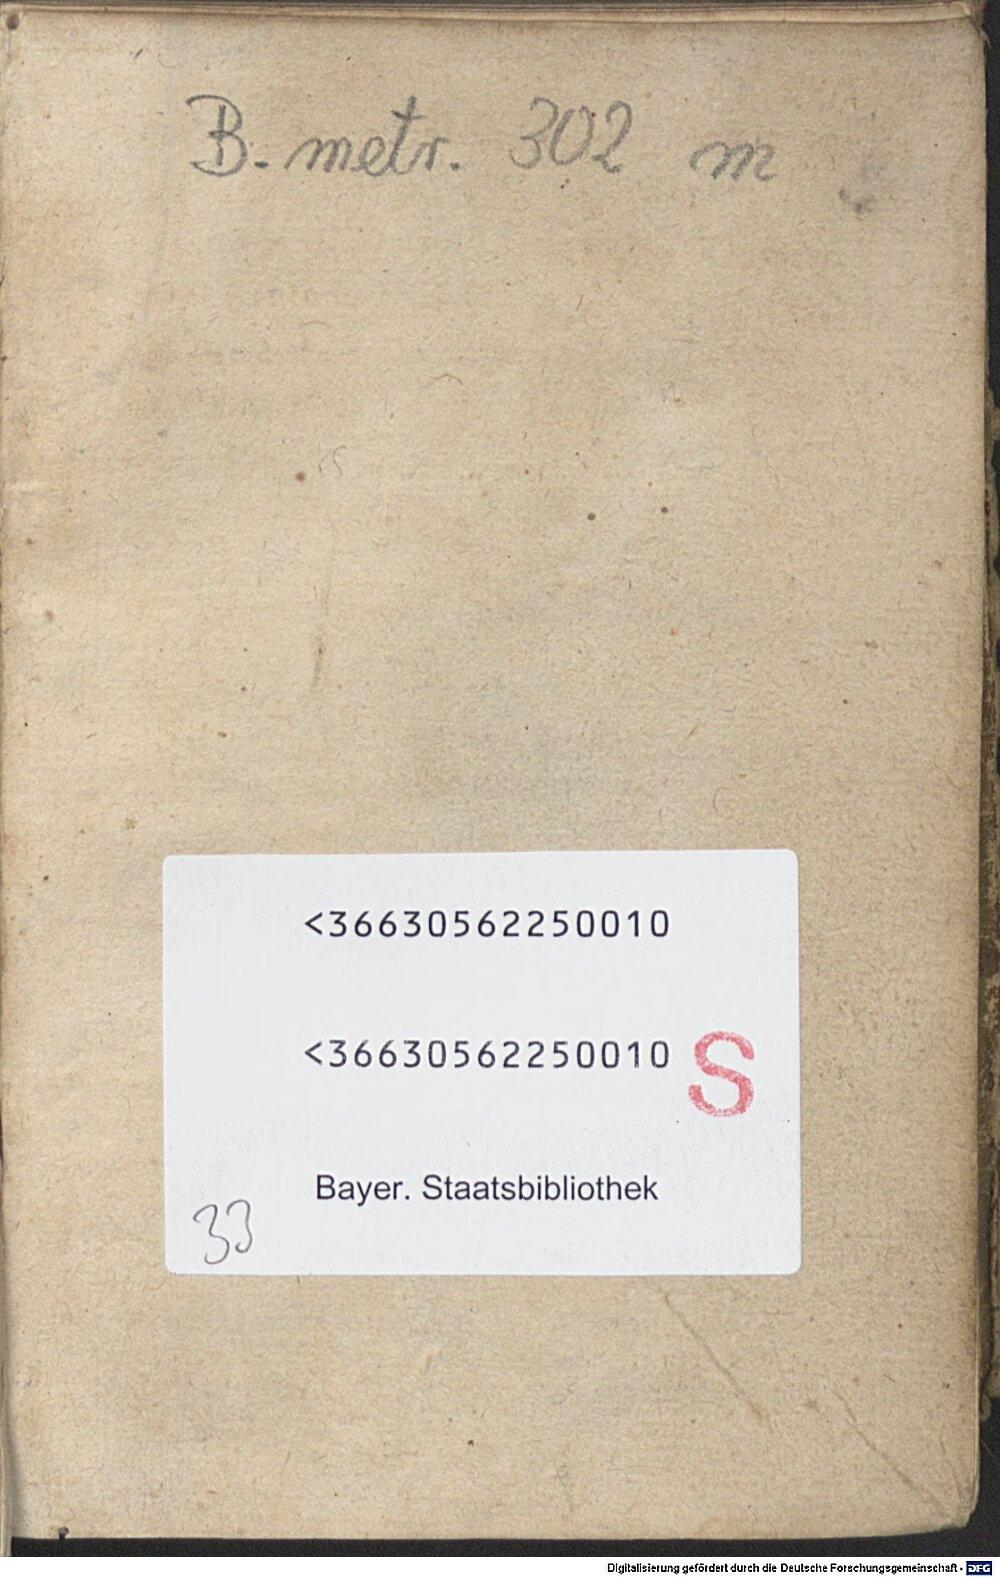 bsb00020924_00005.jpg